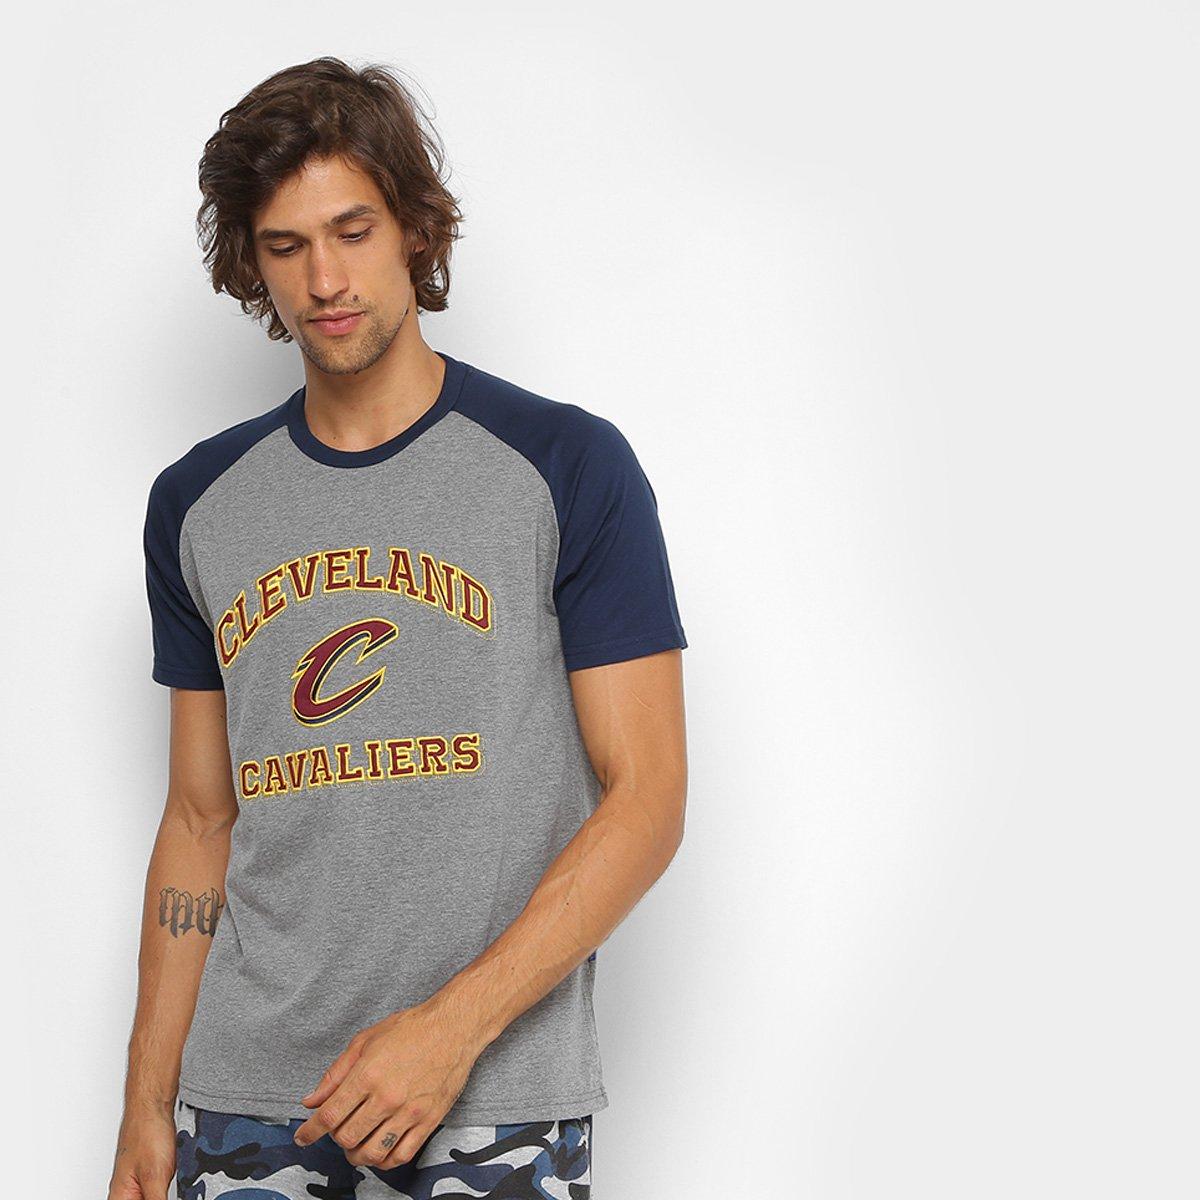 fcb5d012b0 Camiseta NBA Cleveland Cavaliers 17 Masculina   Livelo -Sua Vida com ...